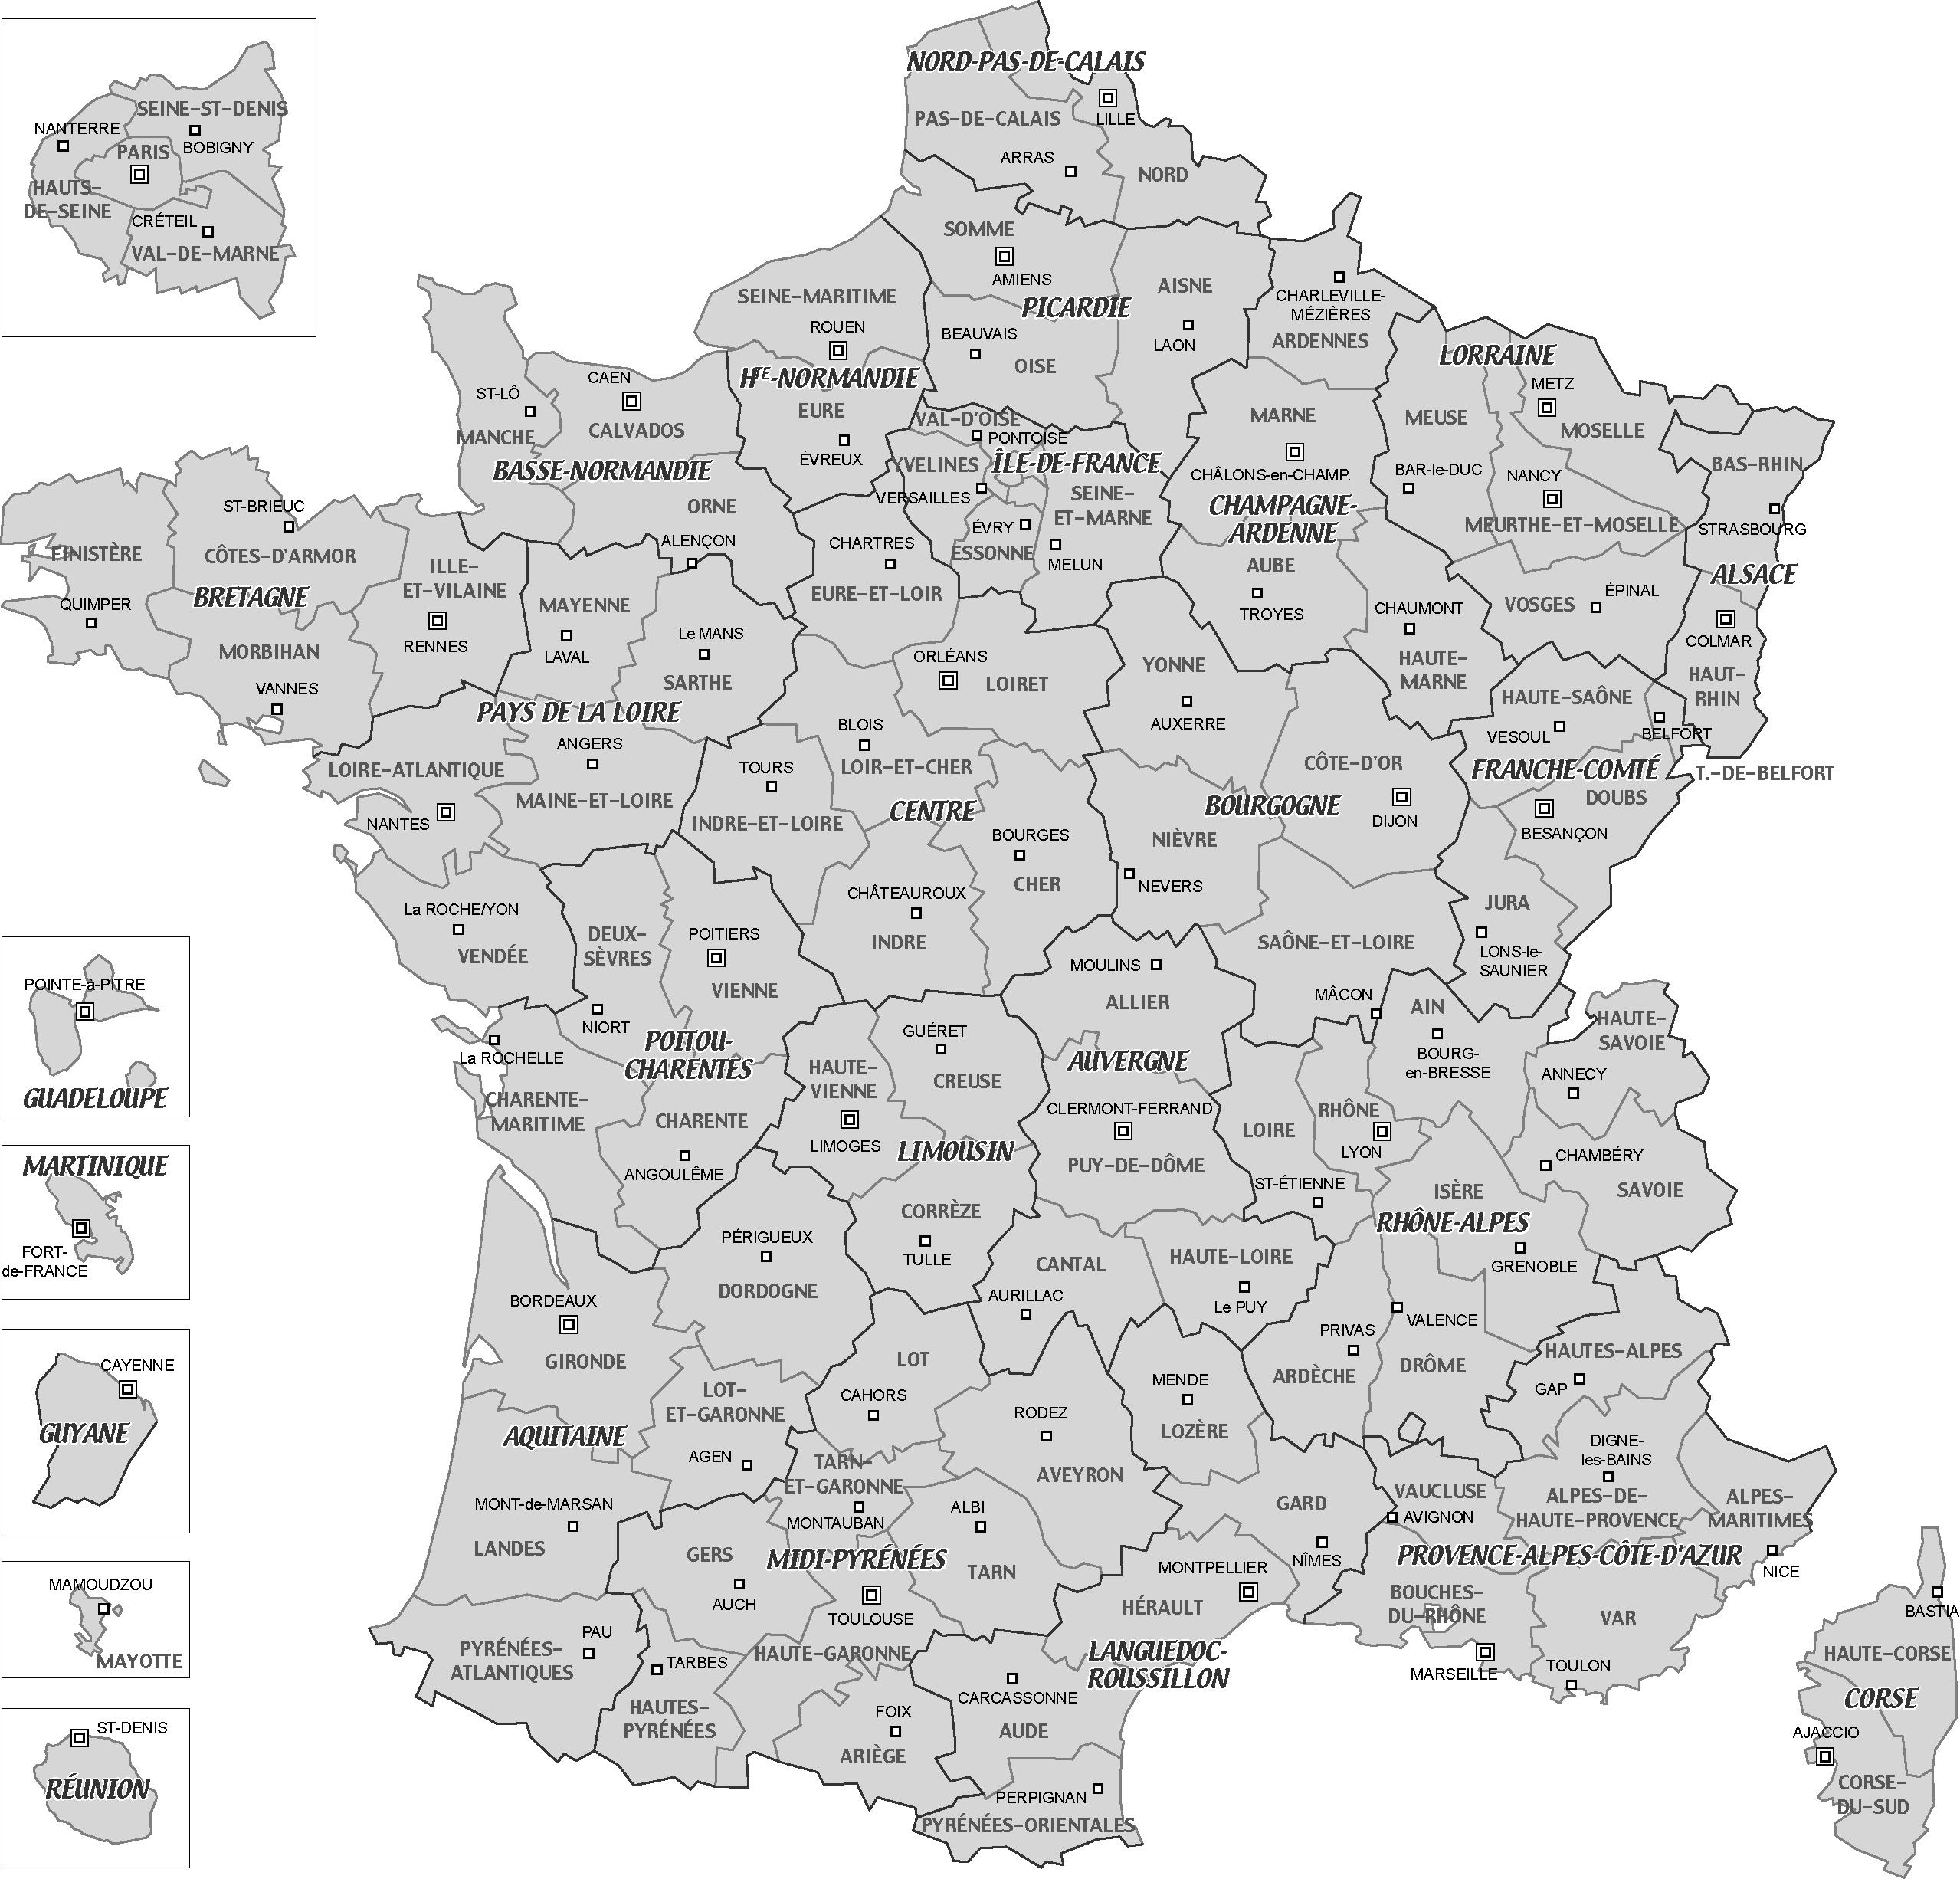 Cartes De France, Cartes Et Rmations Des Régions tout Carte Departements Francais